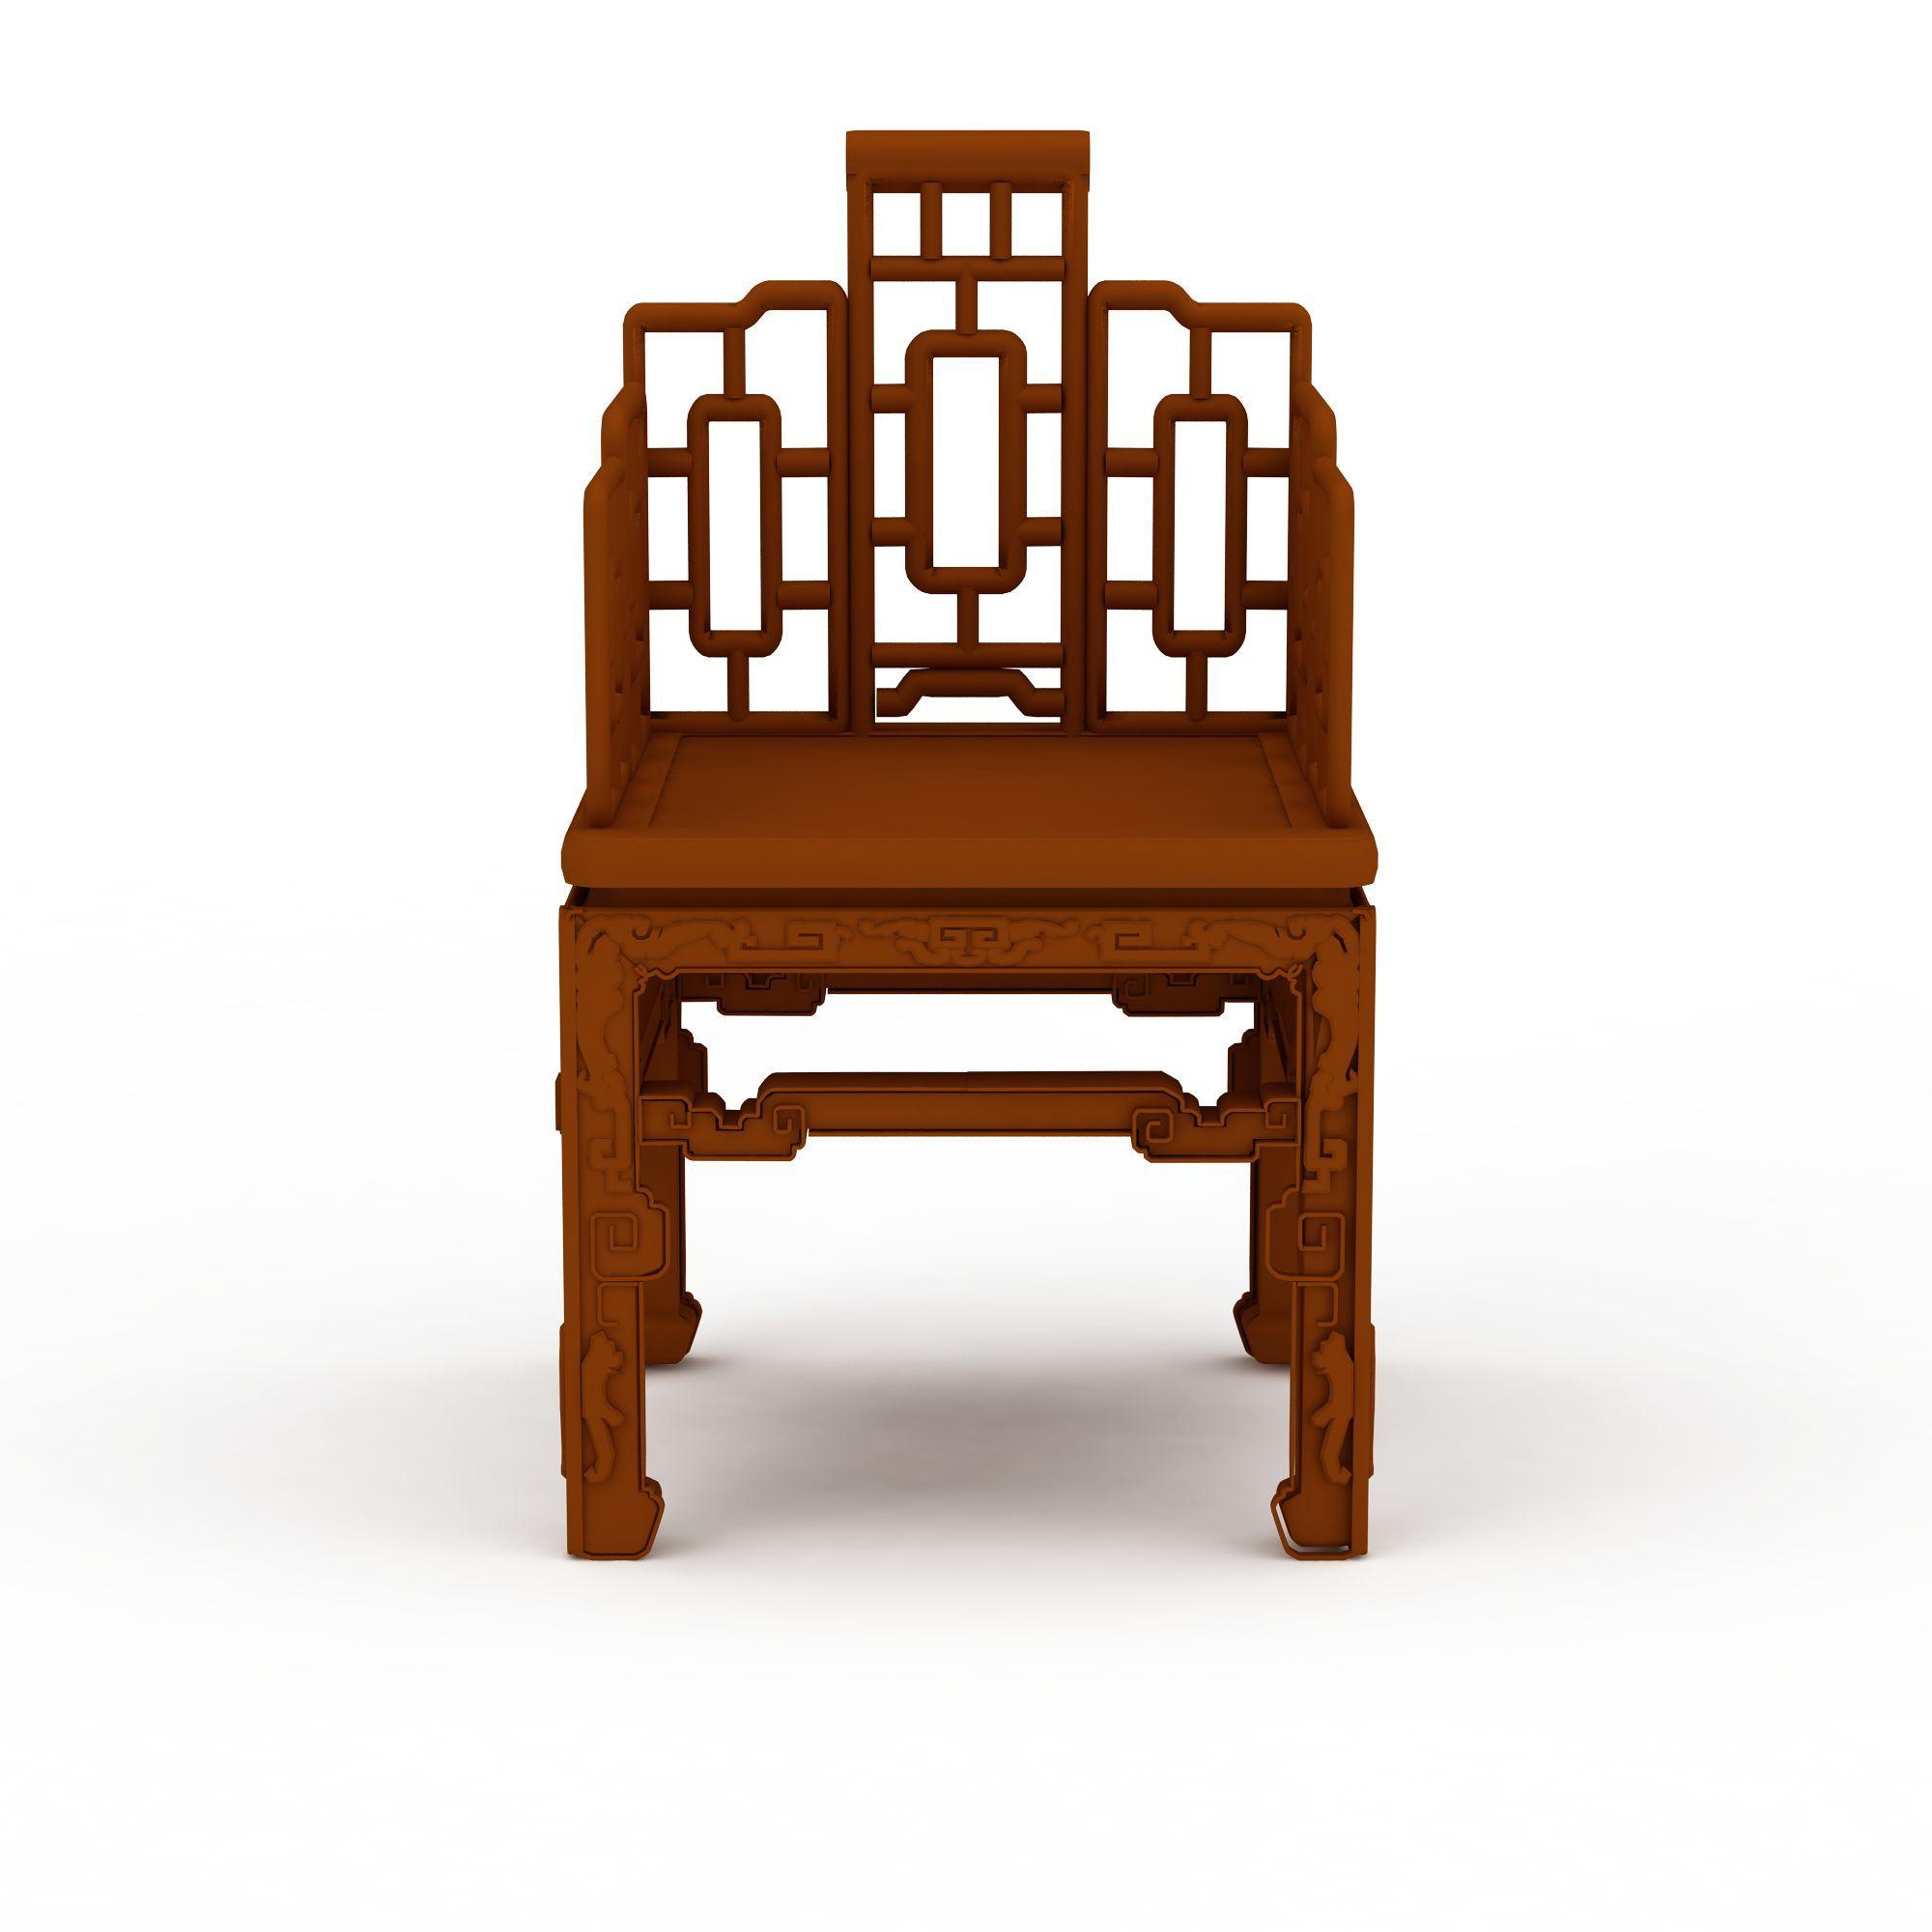 中式镂空椅子png高清图  中式镂空椅子高清图详情 设计师 3d学院 模